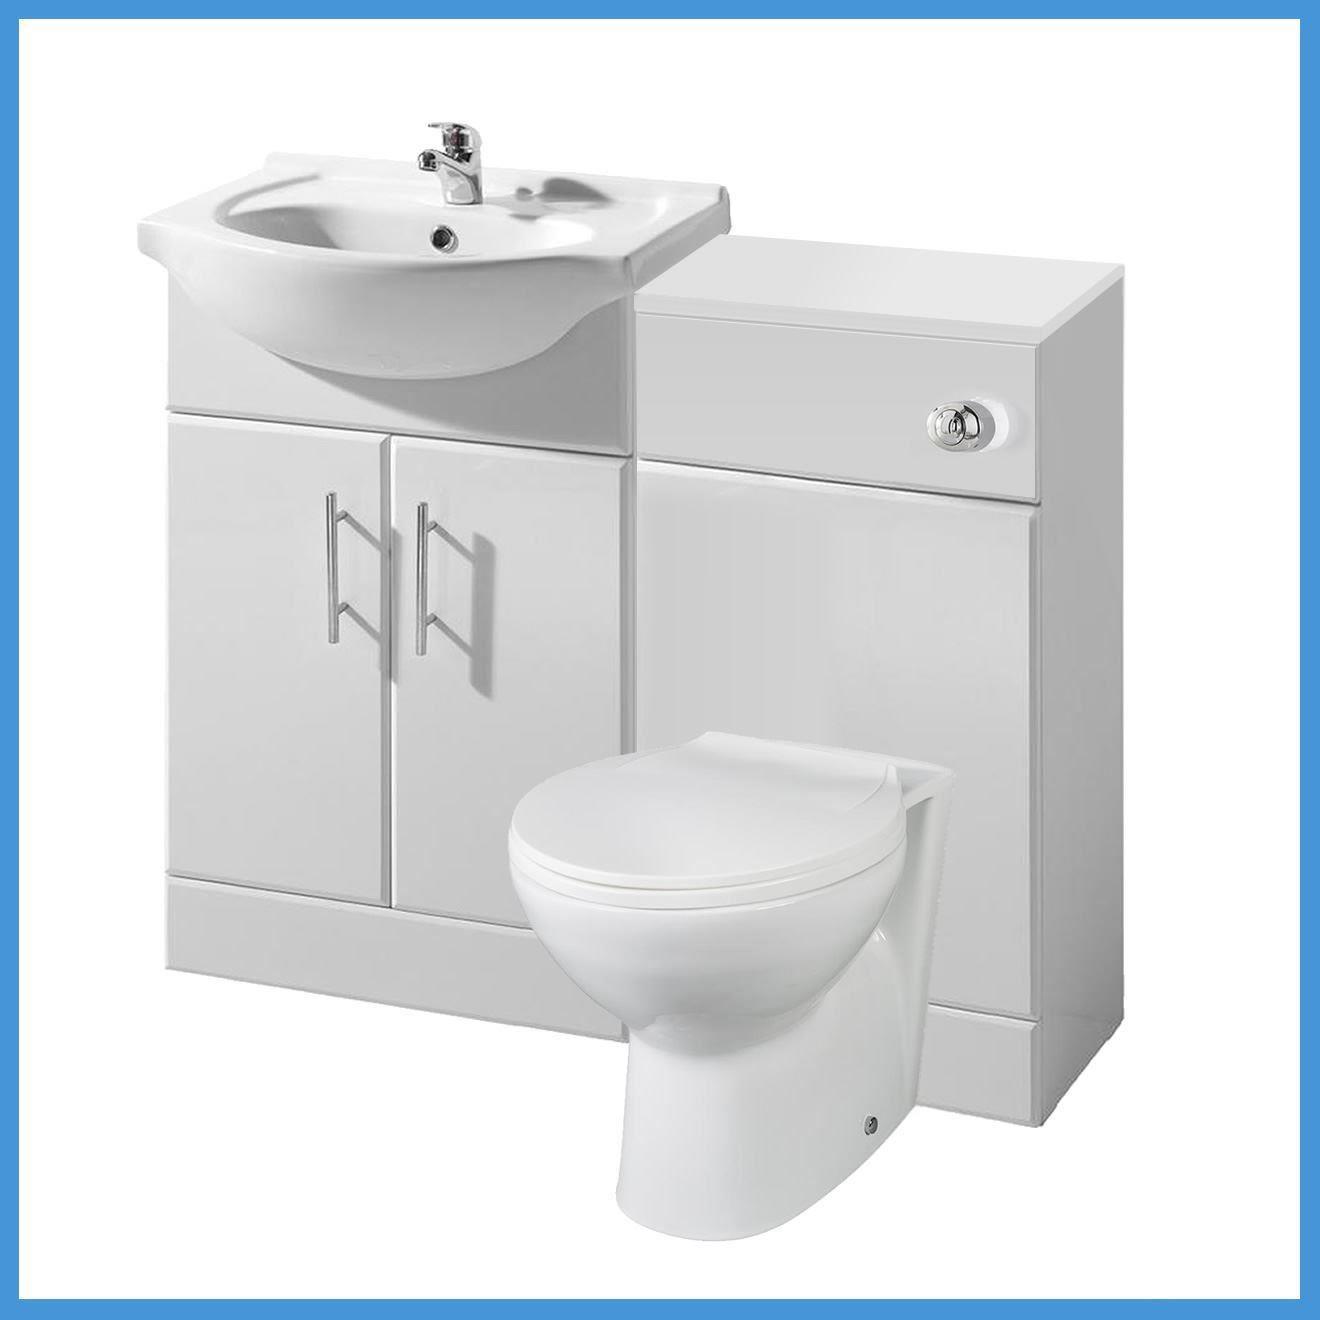 L Shaped Bathroom Suite 1700 Bath 550 Vanity Unit Btw Toilet Wc Taps Shower Ebay